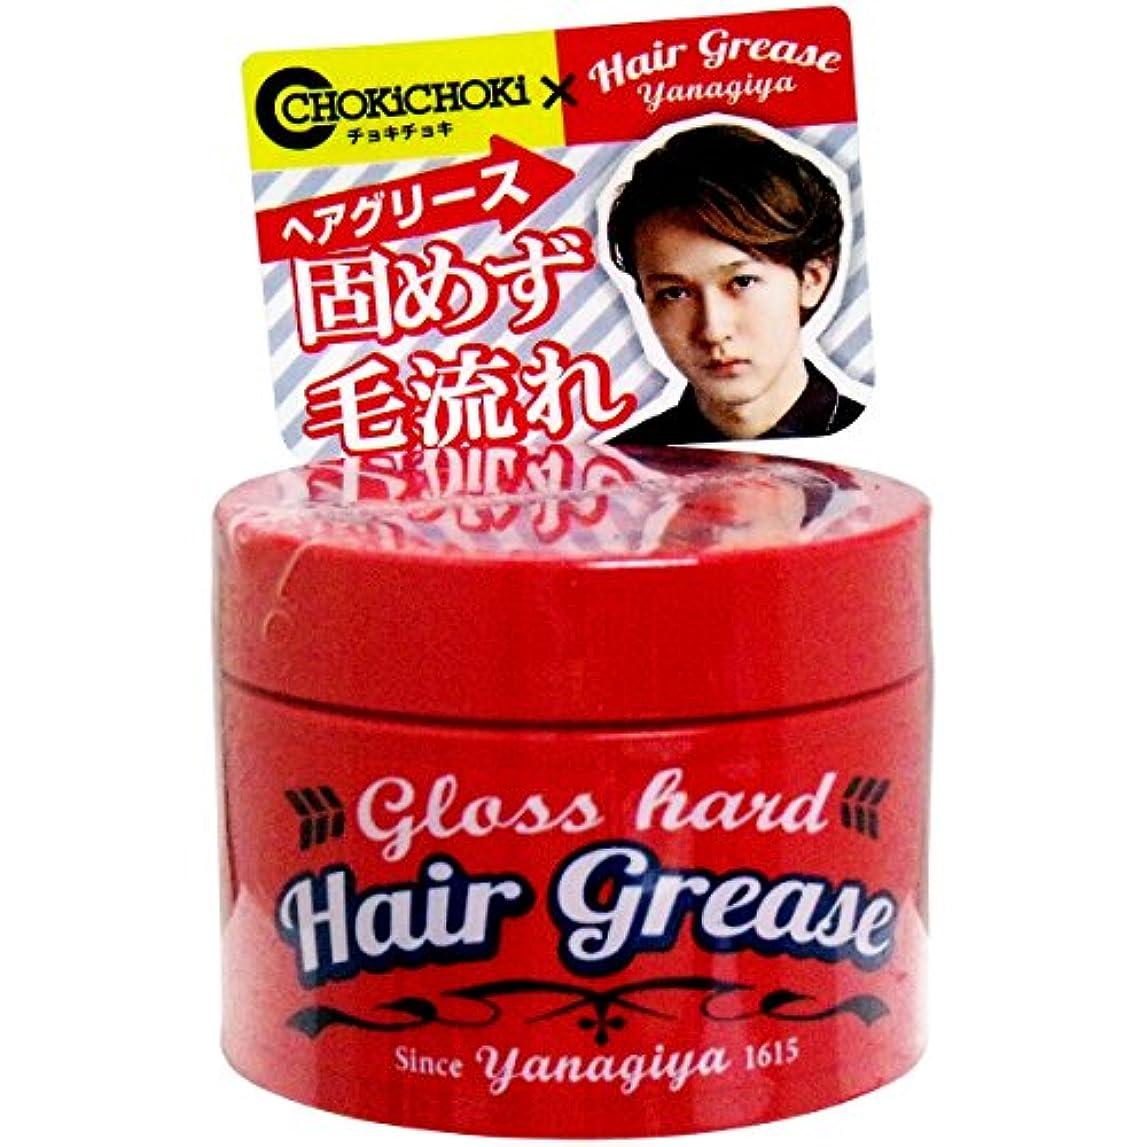 気分が良いハッピー修正ヘアワックス 固めず毛流れ 使いやすい YANAGIYA ヘアグリース グロスハード 90g入【2個セット】